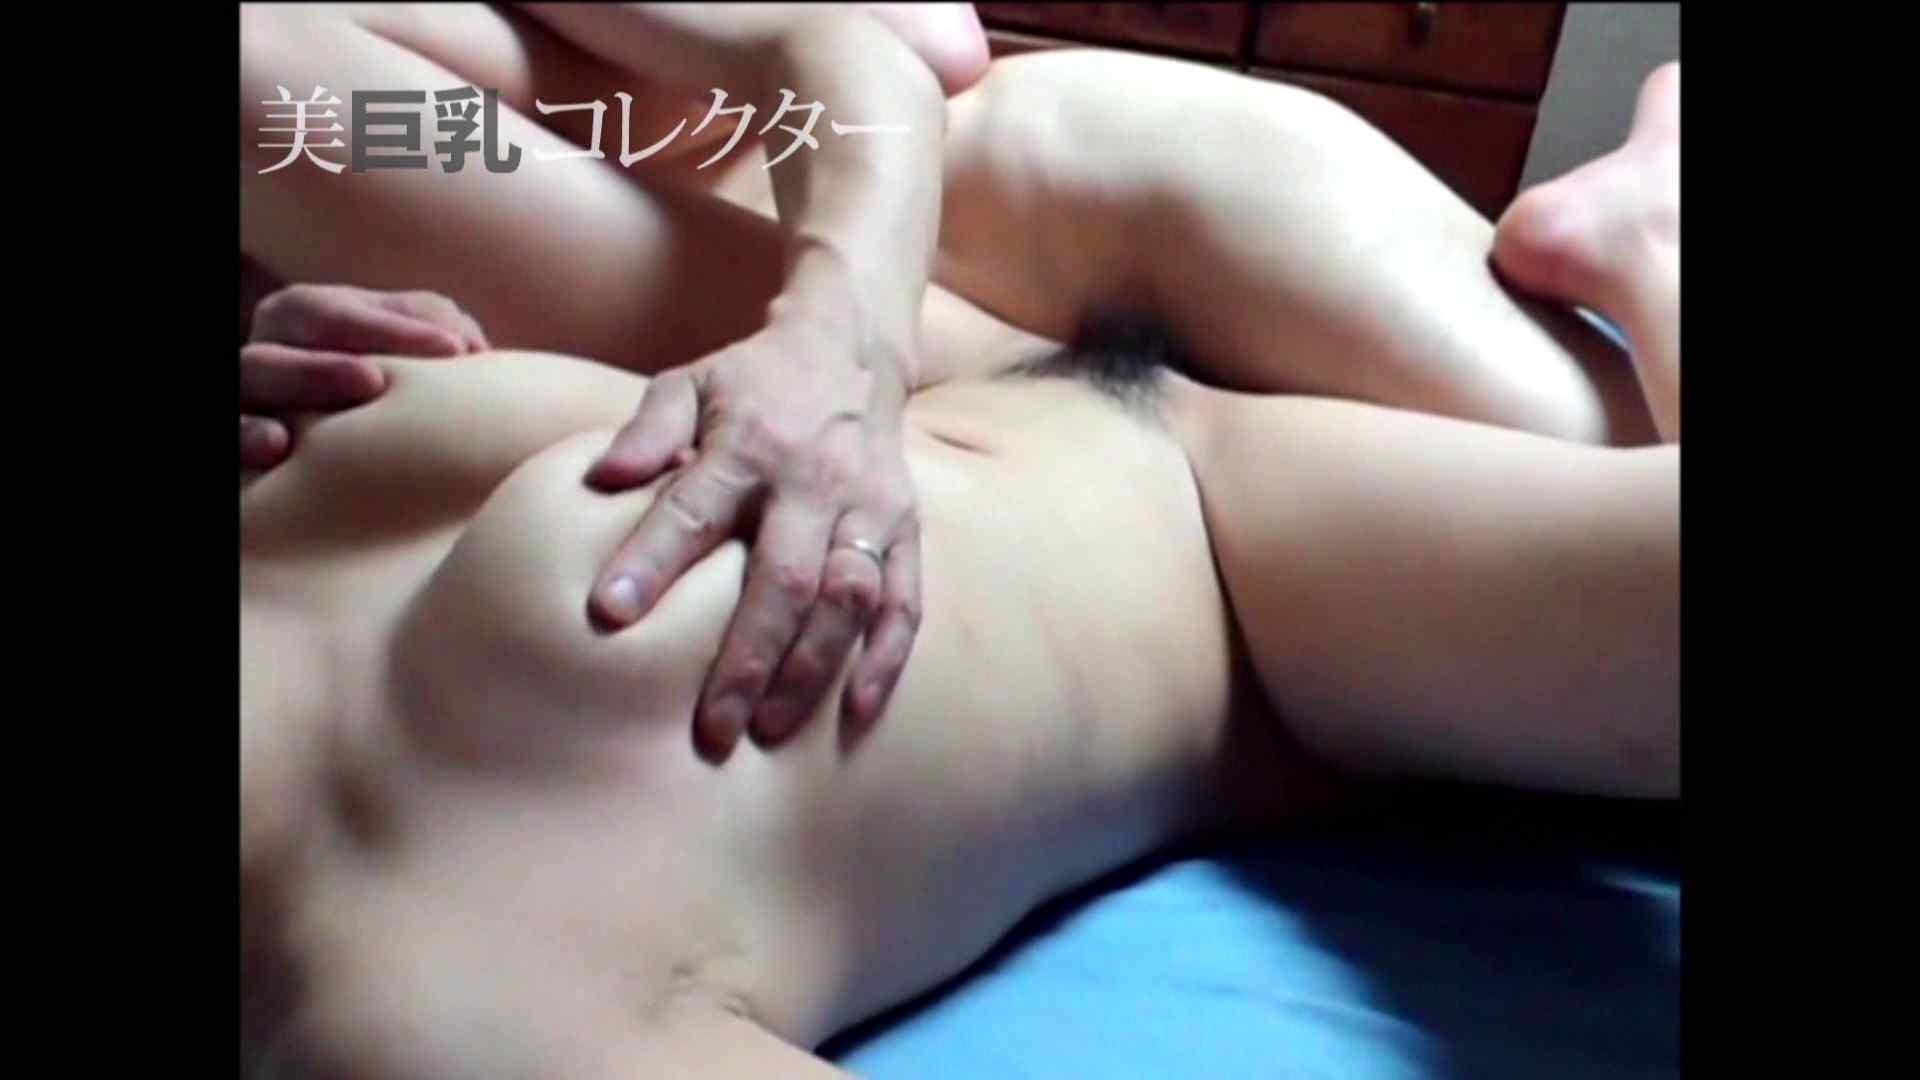 泥酔スレンダー巨乳美女2 美女 | 巨乳  99pic 75